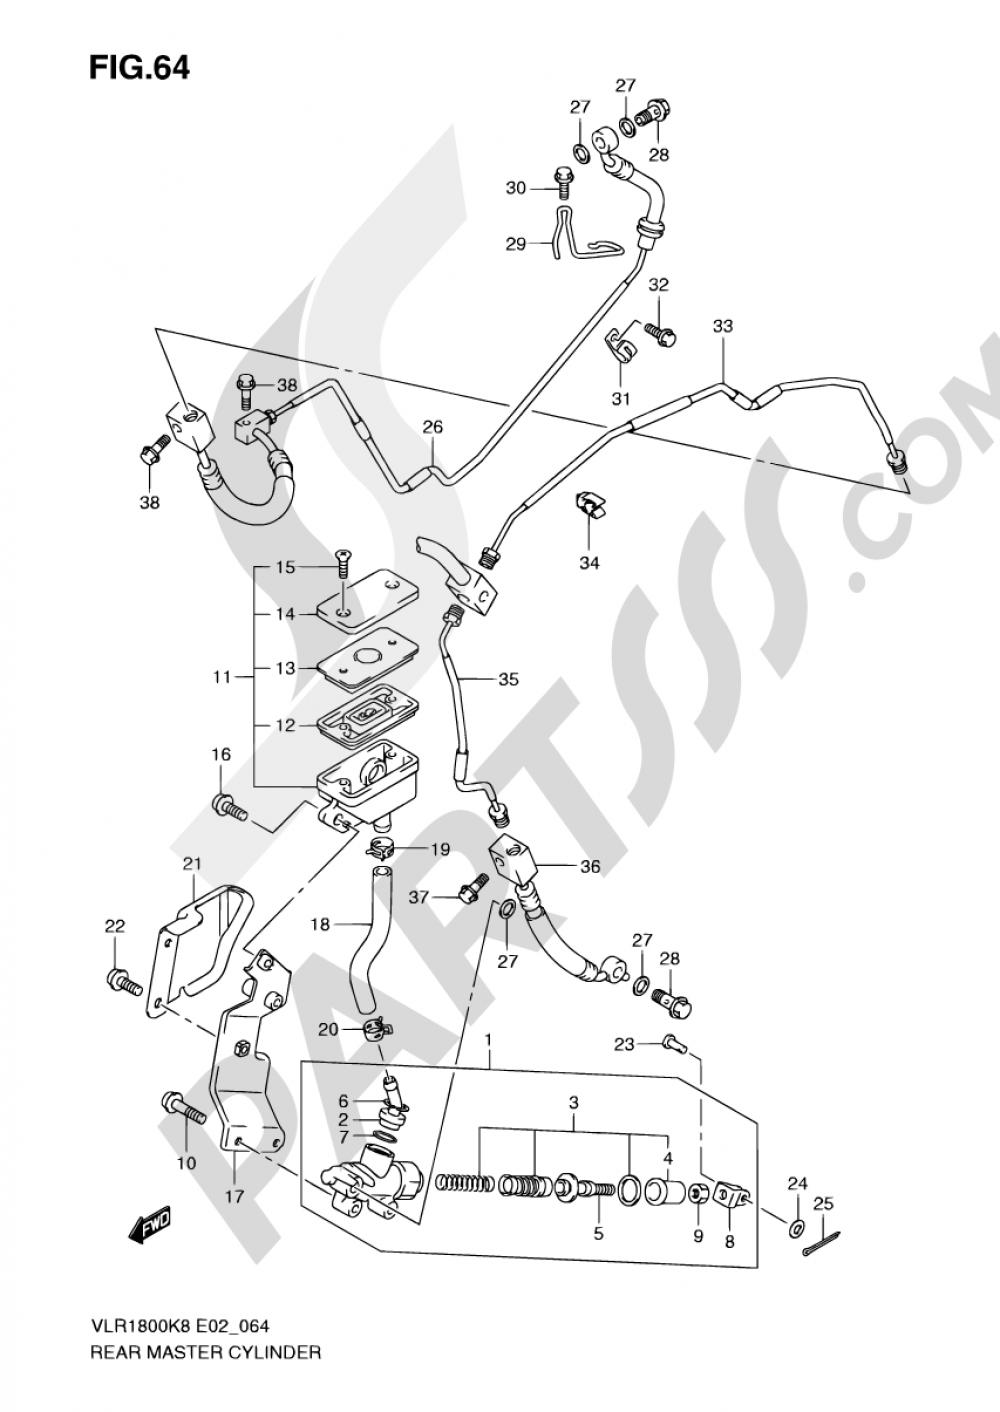 64 - REAR MASTER CYLINDER Suzuki INTRUDER VLR1800 2008